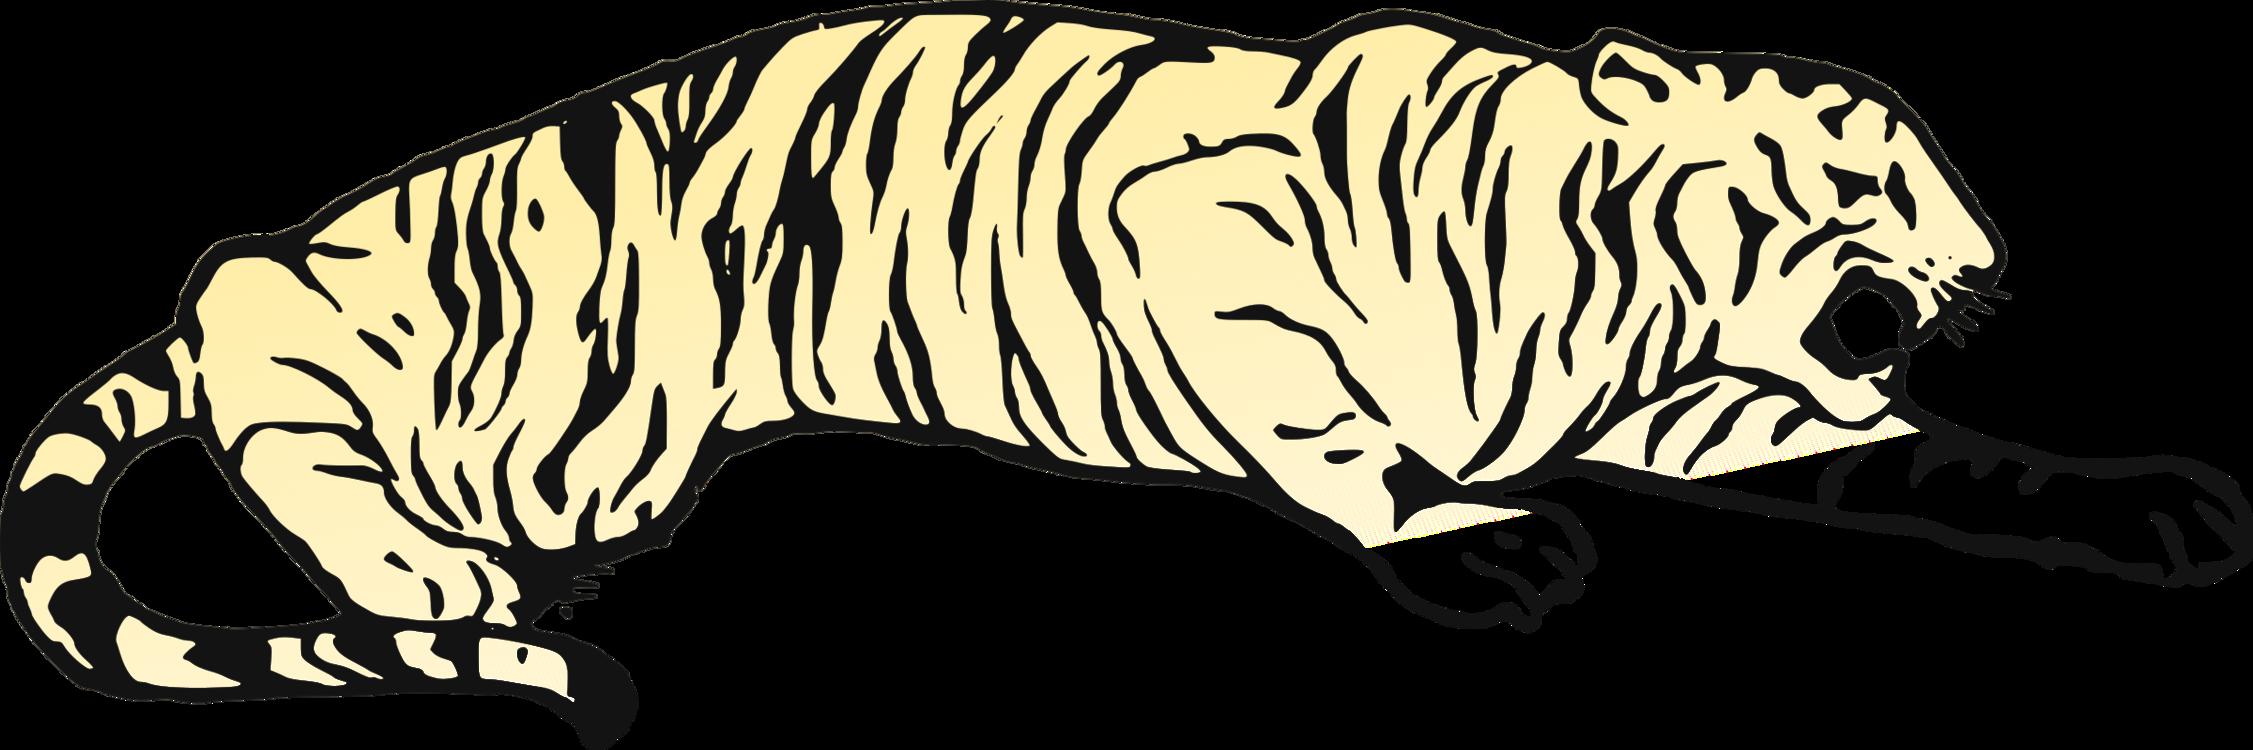 whiskers cat golden tiger bear bengal tiger free commercial clipart rh kisscc0 com bengal tiger head clipart Bengal Tigers Football